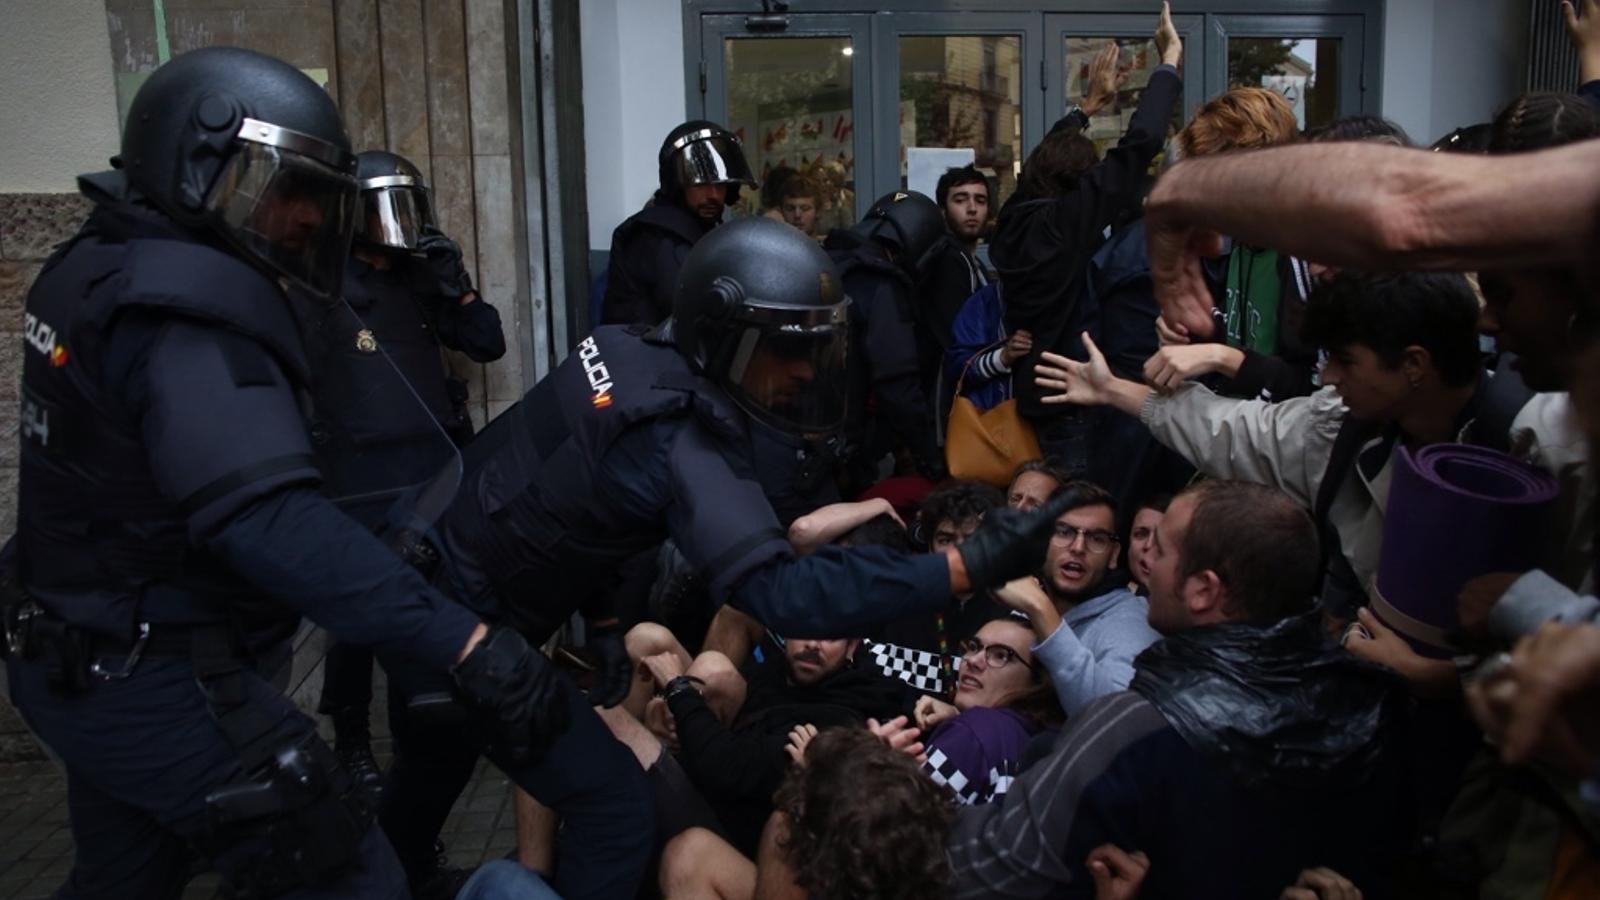 La policia Nacional carrega contra la gent a l'institut Jaume Balmes.